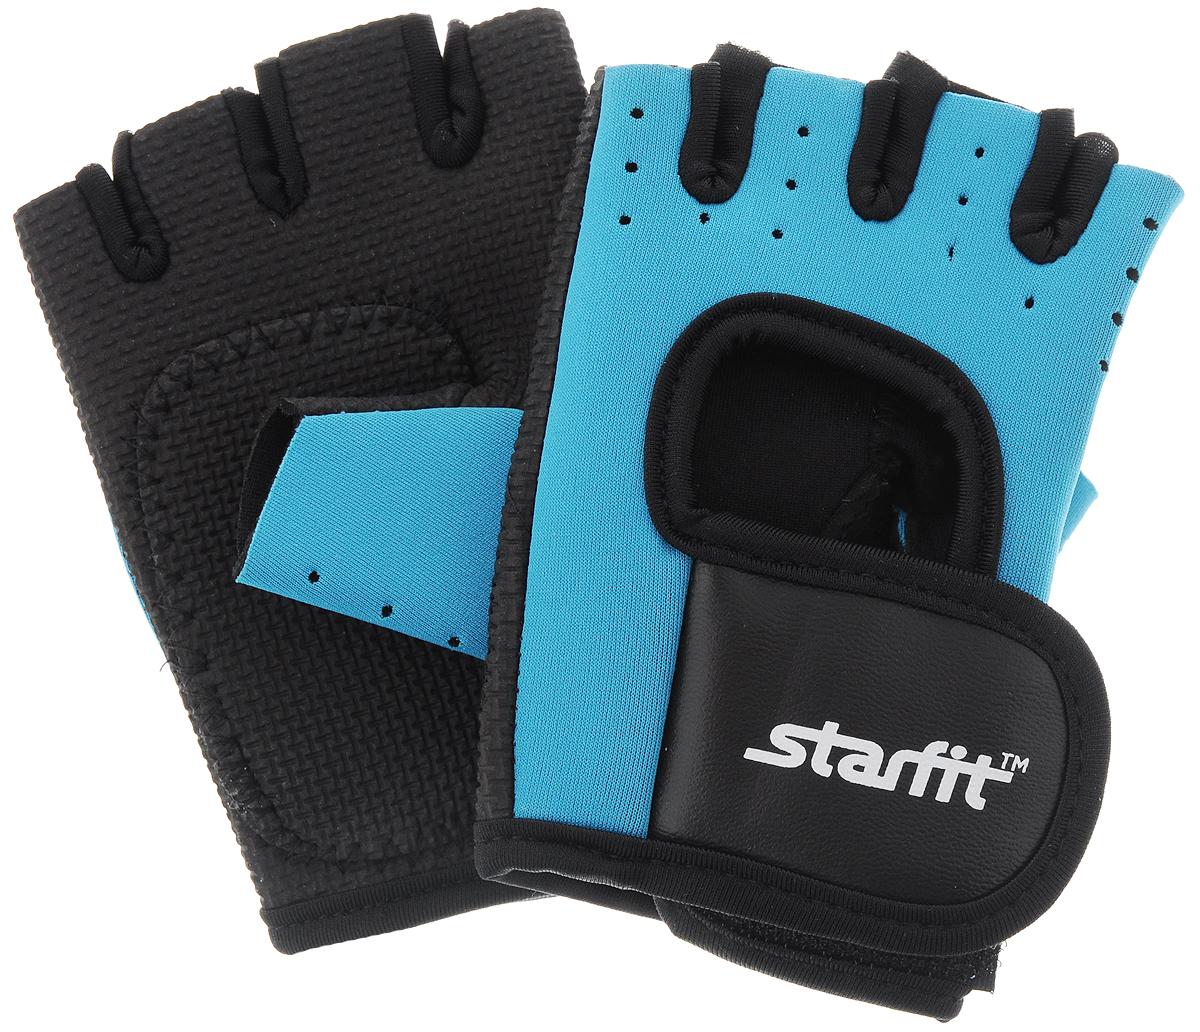 Перчатки для фитнеса Starfit SU-107, цвет: голубой, черный. Размер LУТ-00008325Перчатки для фитнеса Star Fit SU-107 необходимы для безопасной тренировки со снарядами (грифы, гантели), во время подтягиваний и отжиманий. Они минимизируют риск мозолей и ссадин на ладонях. Перчатки выполнены из нейлона, искусственной кожи, полиэстера и эластана. В рабочей части имеется вставка из тонкого поролона, обеспечивающего комфорт при тренировках.Размер перчатки (без учета большого пальца): 14 х 9 см.